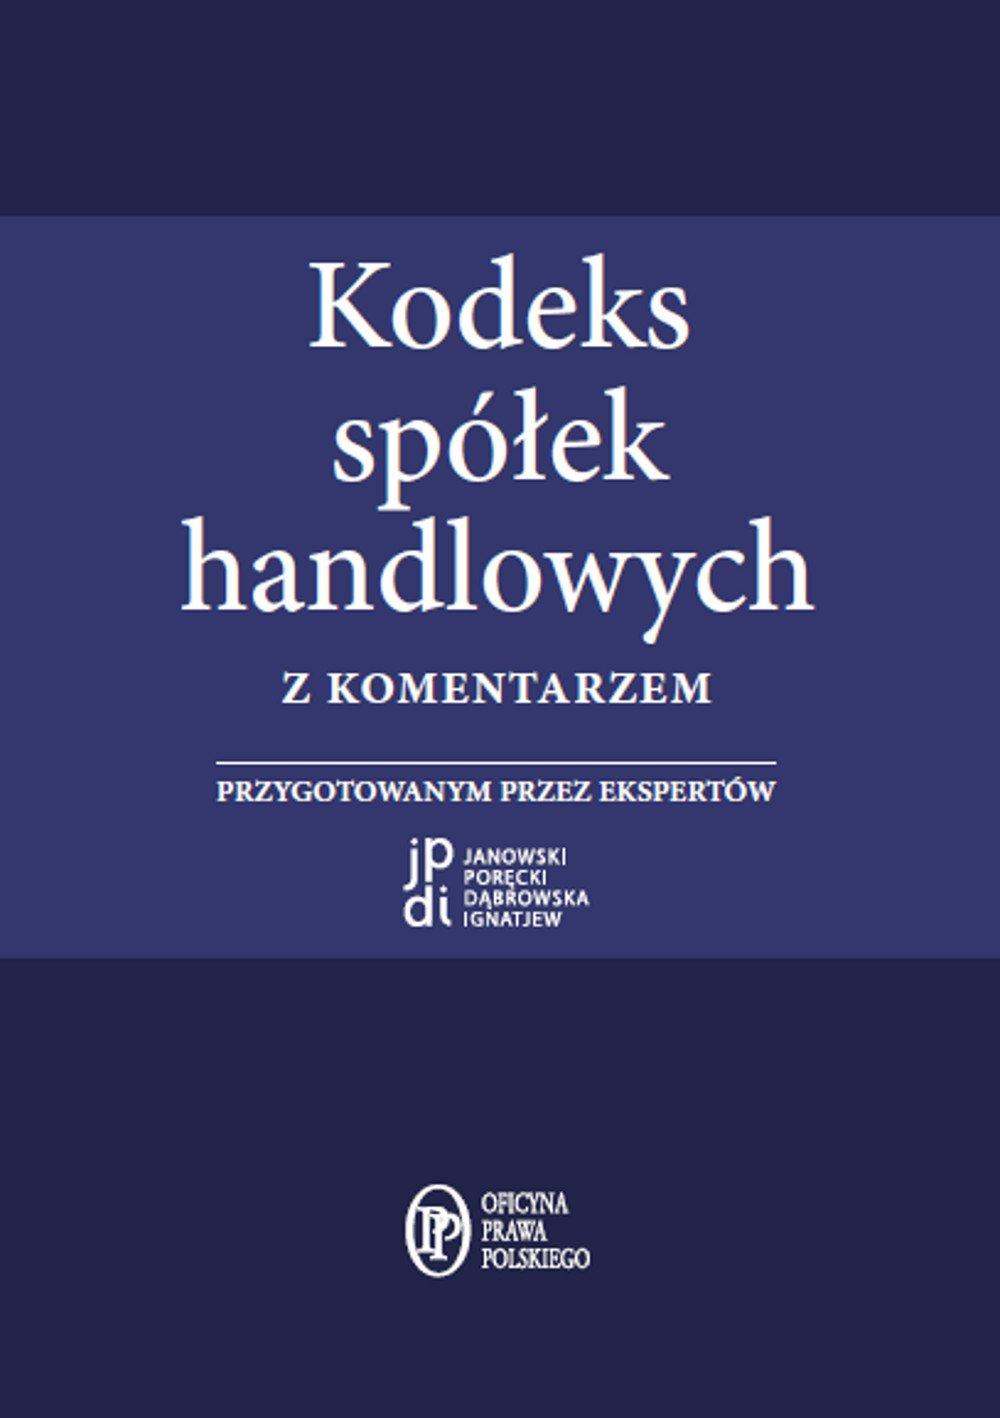 Kodeks spółek handlowych z komentarzem - Ebook (Książka PDF) do pobrania w formacie PDF